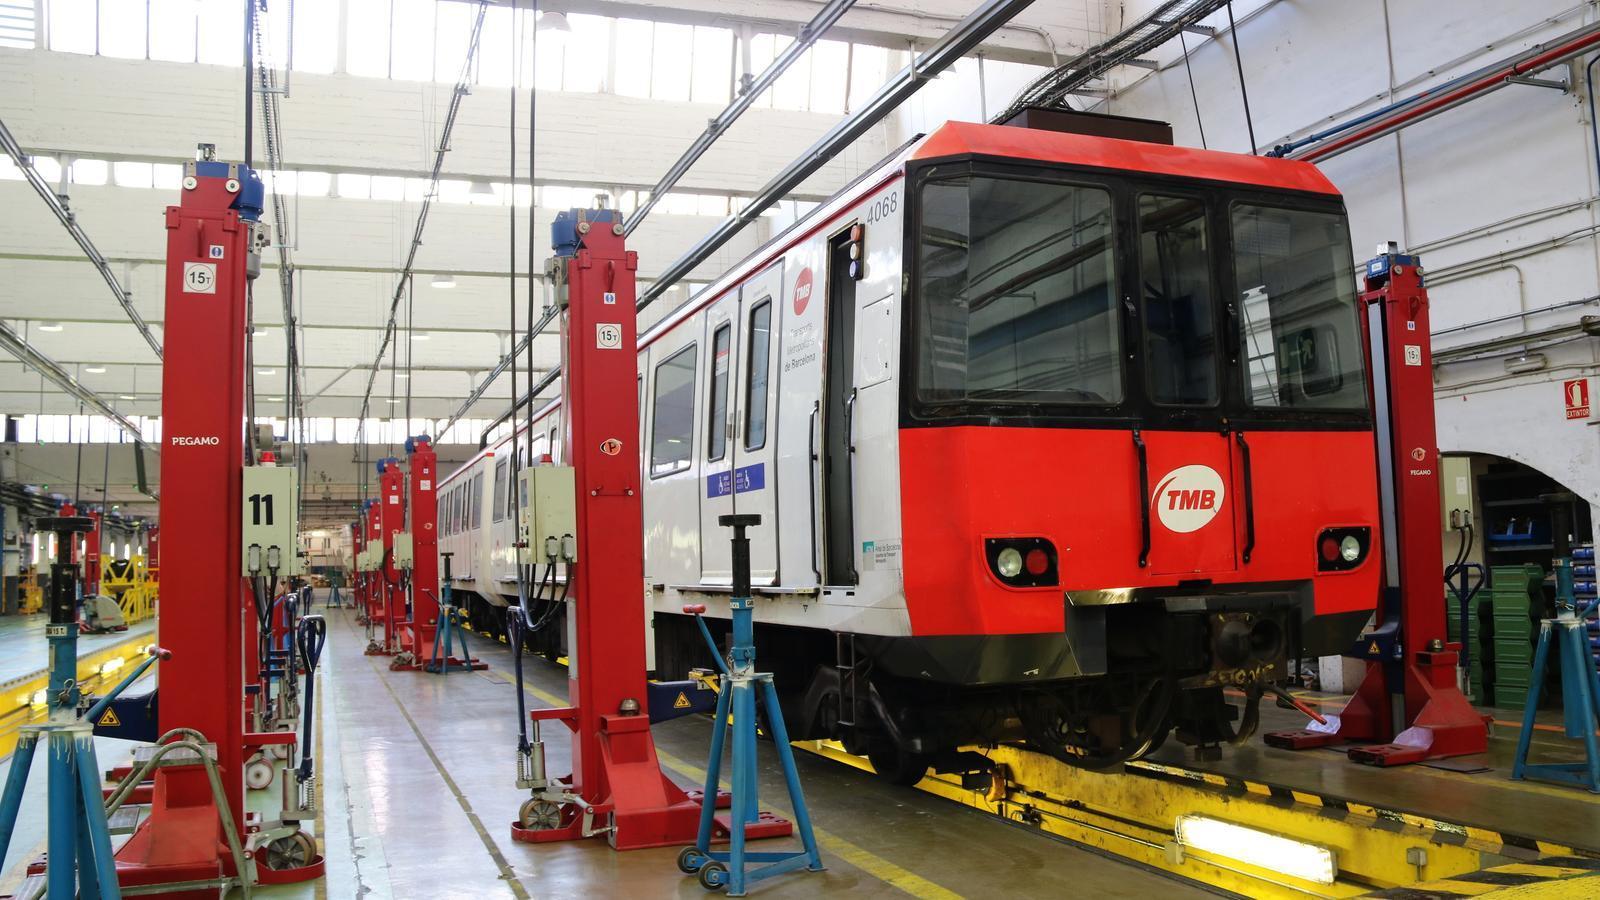 Els treballadors del metro convoquen una nova vaga per als dies 8 i 29 d'abril